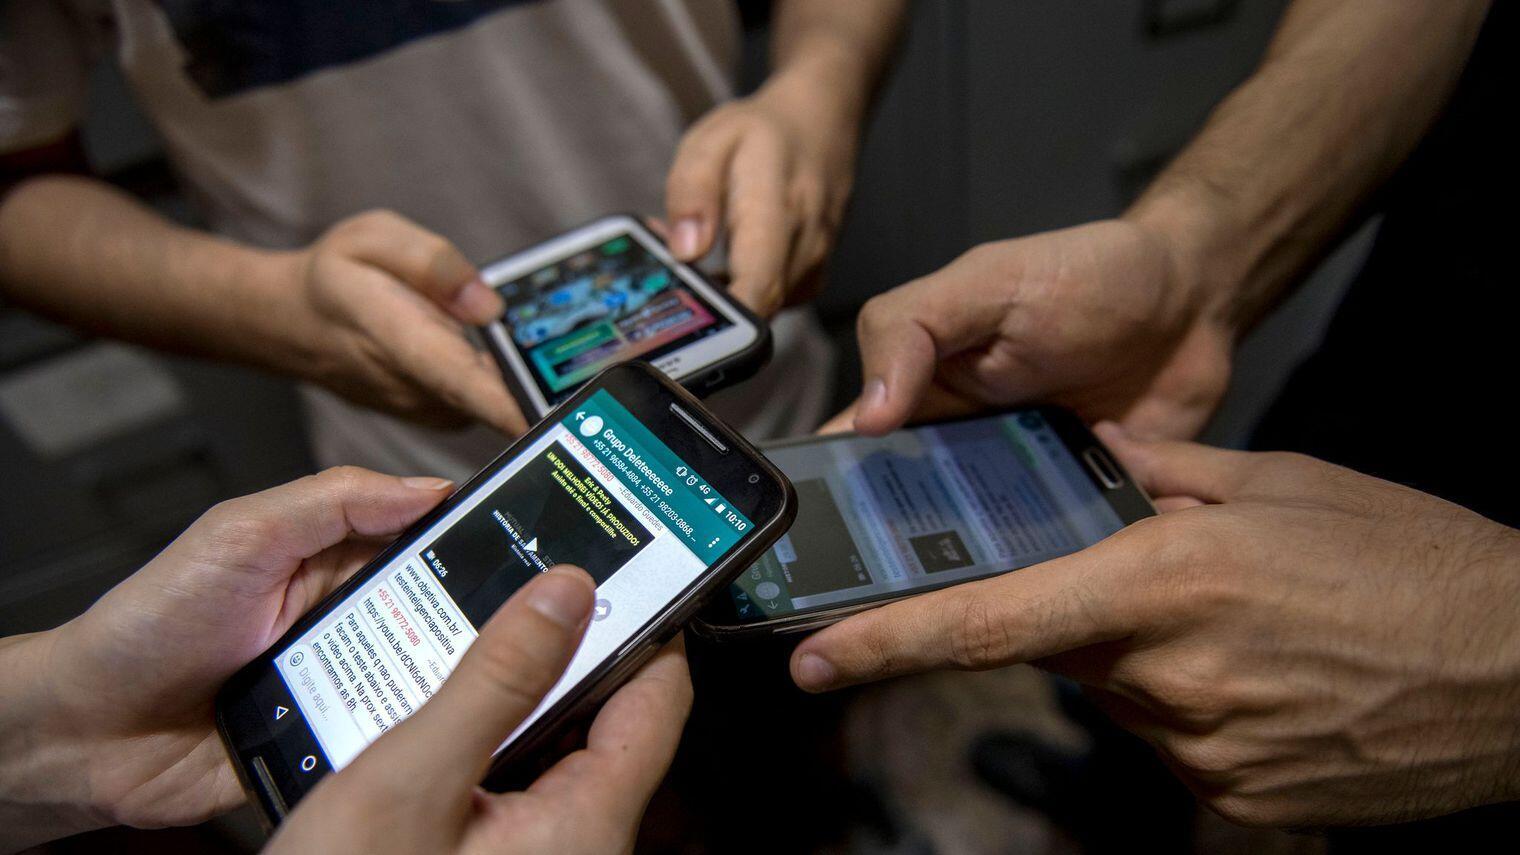 法四大电信与政府达协议 承诺投资30多亿欧建设4G网